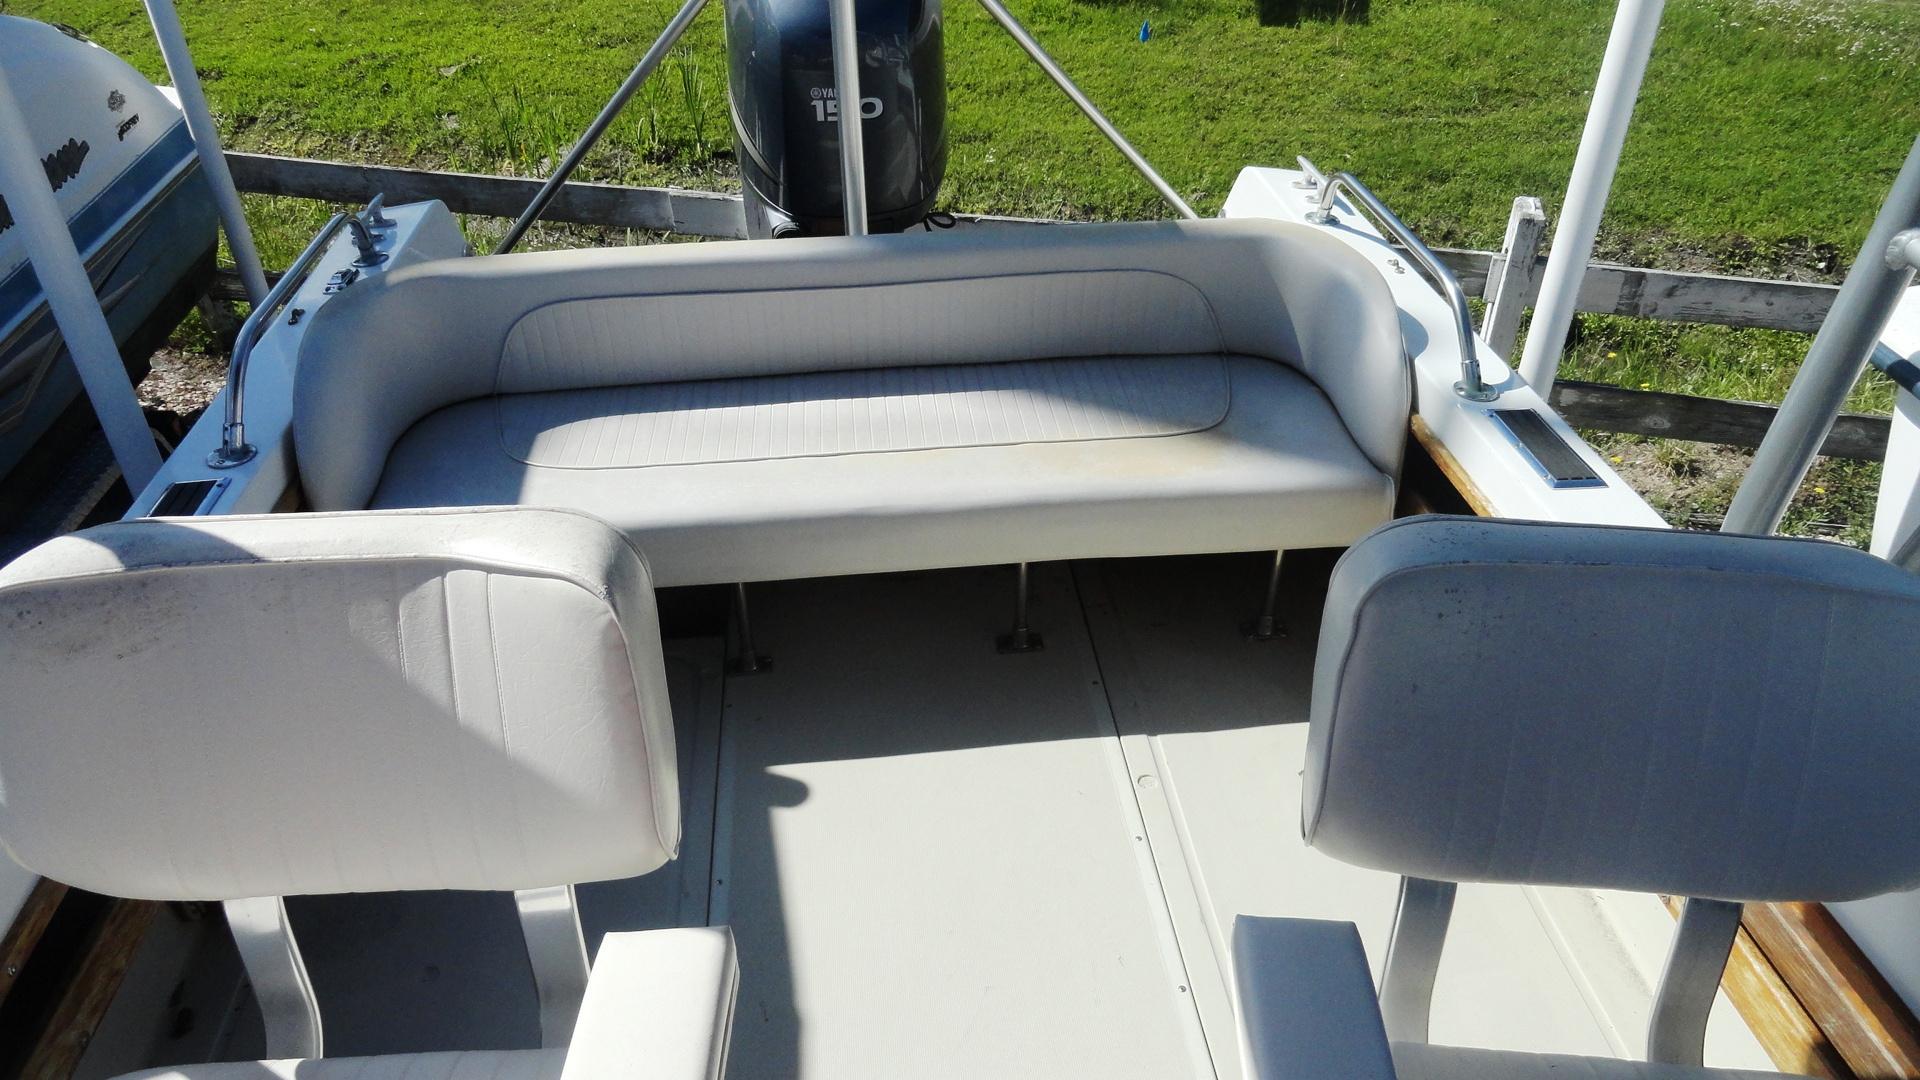 https://0201.nccdn.net/1_2/000/000/196/233/Dorsett--Inside-back-of-boat-1920x1080.jpg